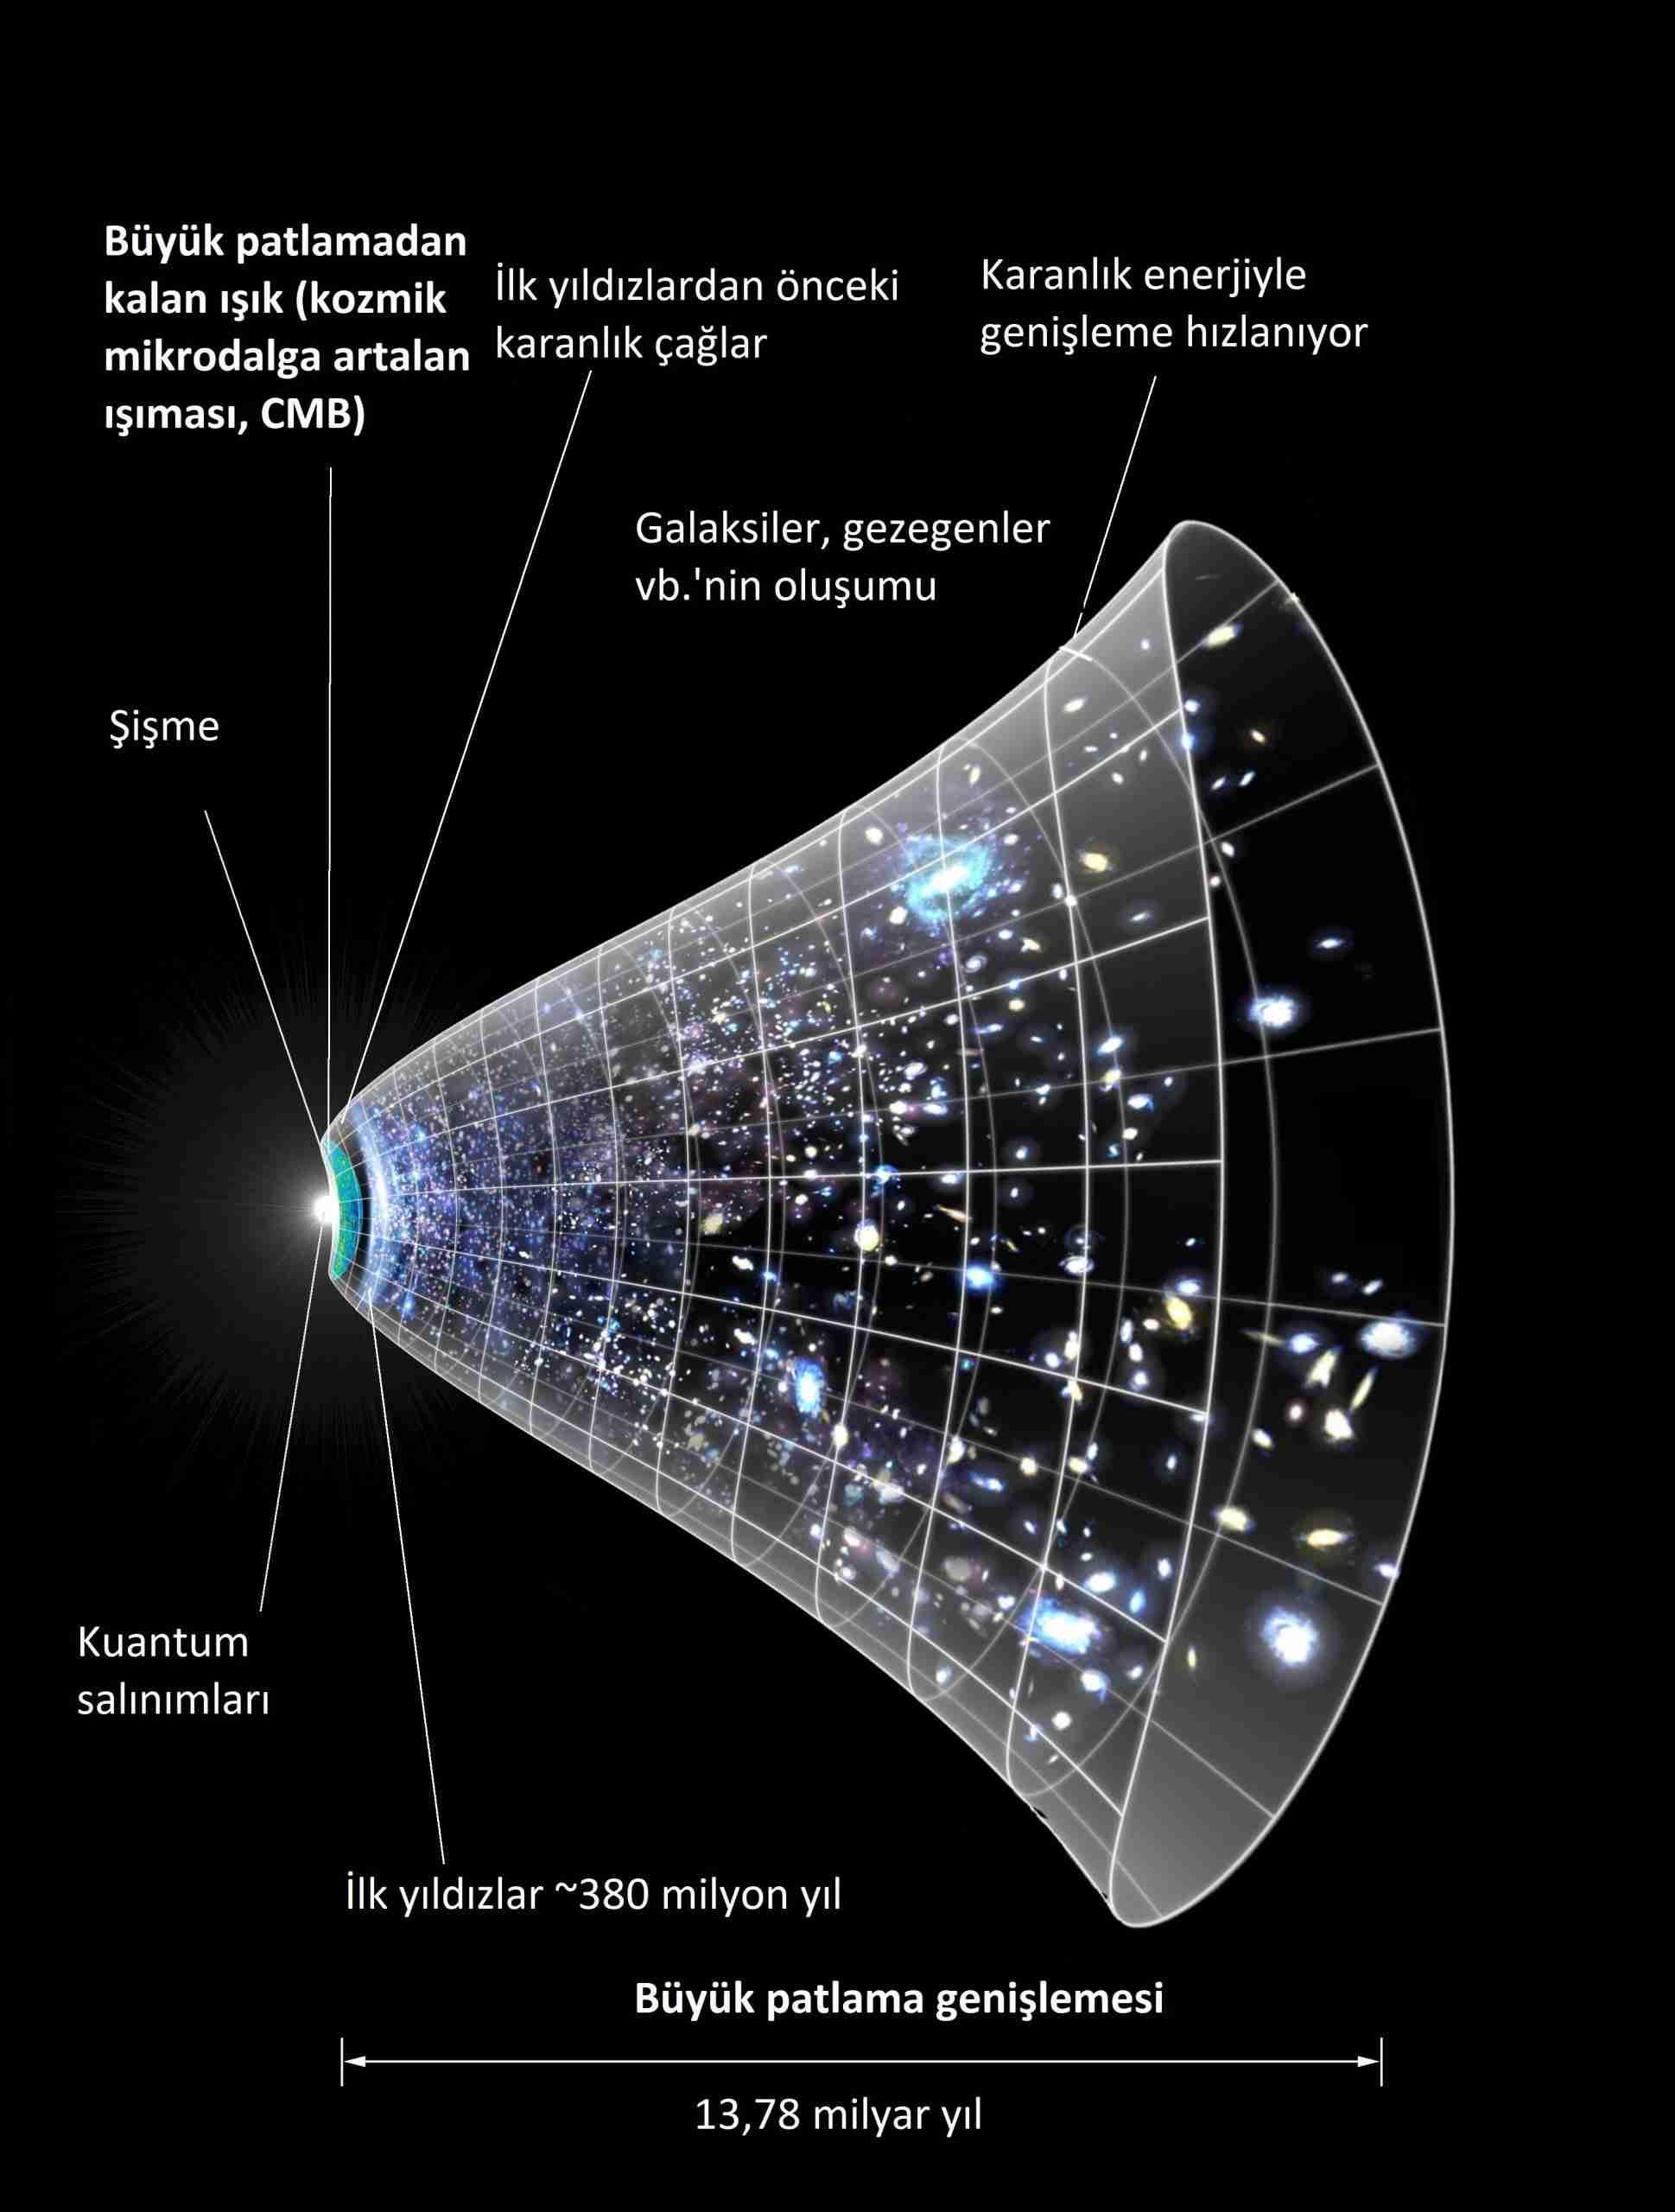 Uzay-nasıl-bükülüyor-ve-evren-nasıl-genişliyor